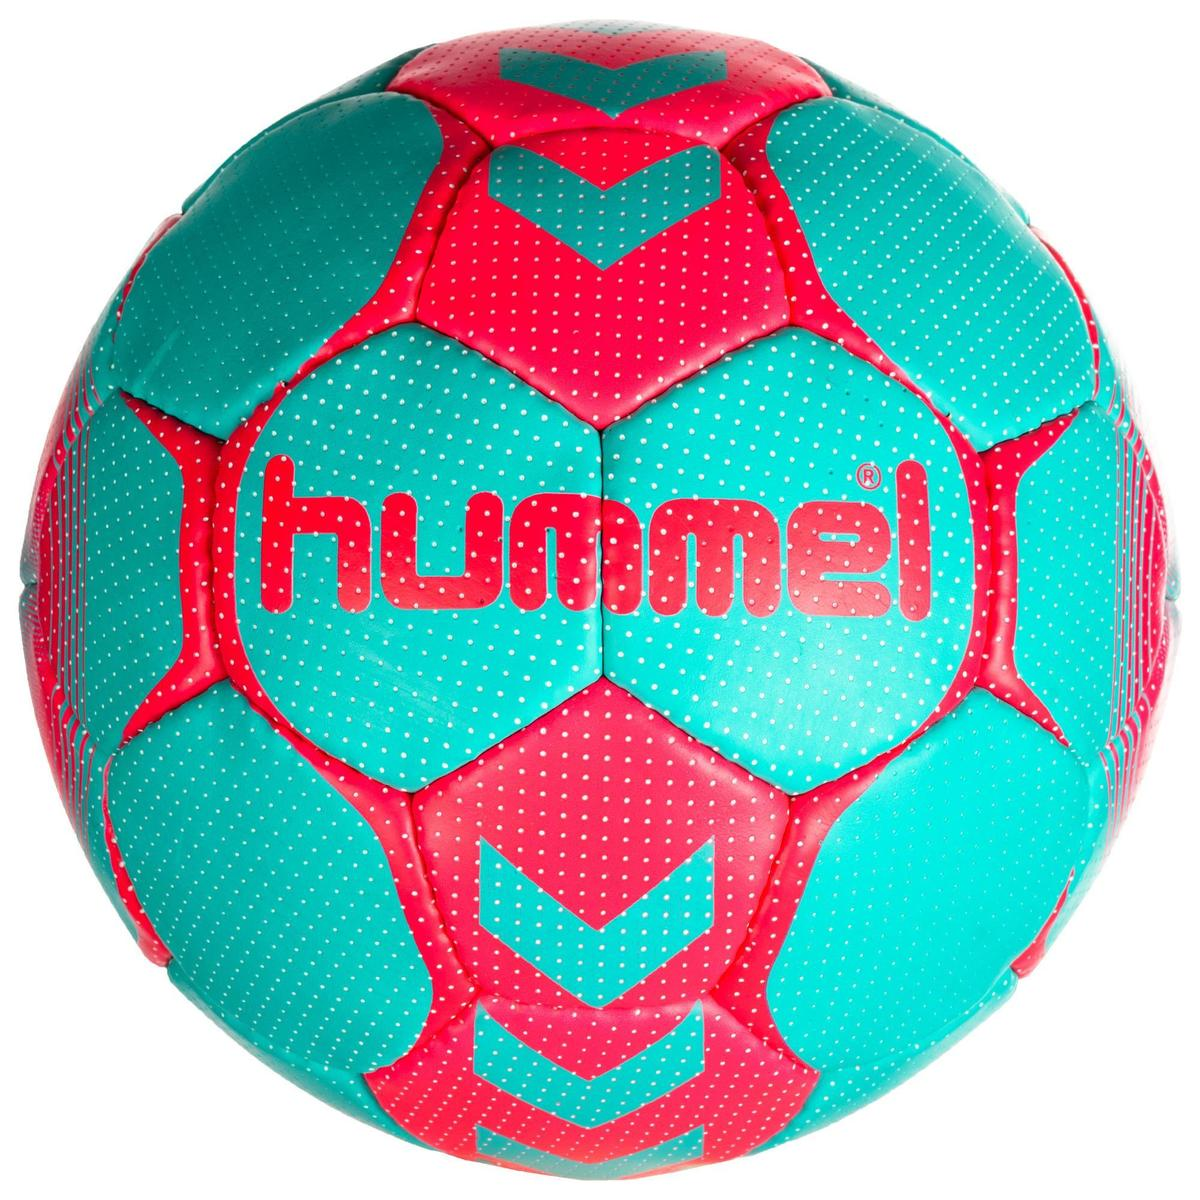 Bild 1 von Handball Damen Größe 2 blau/türkis/pink